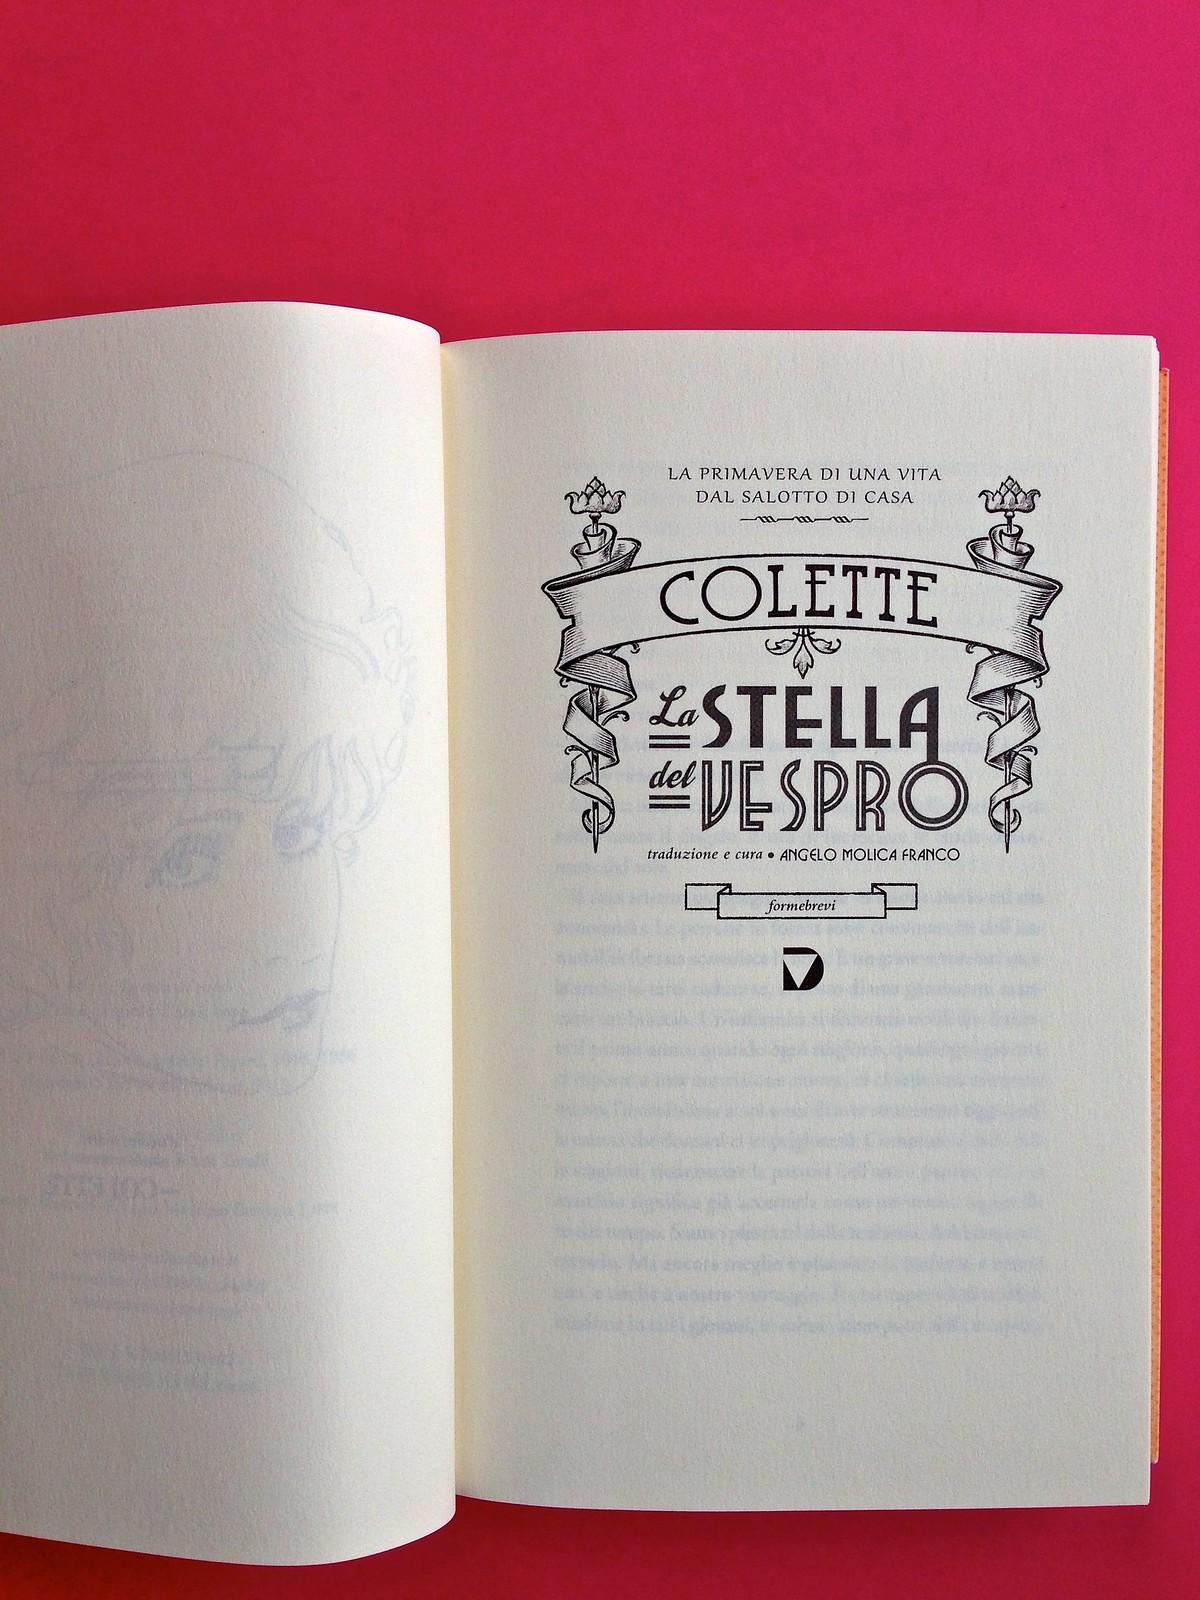 La stella del vespro, di Colette. Del Vecchio Editore 2015. Art direction, cover, illustrazioni, logo design: IFIX | Maurizio Ceccato. Frontespizio, a pag. 7 (part.), 1